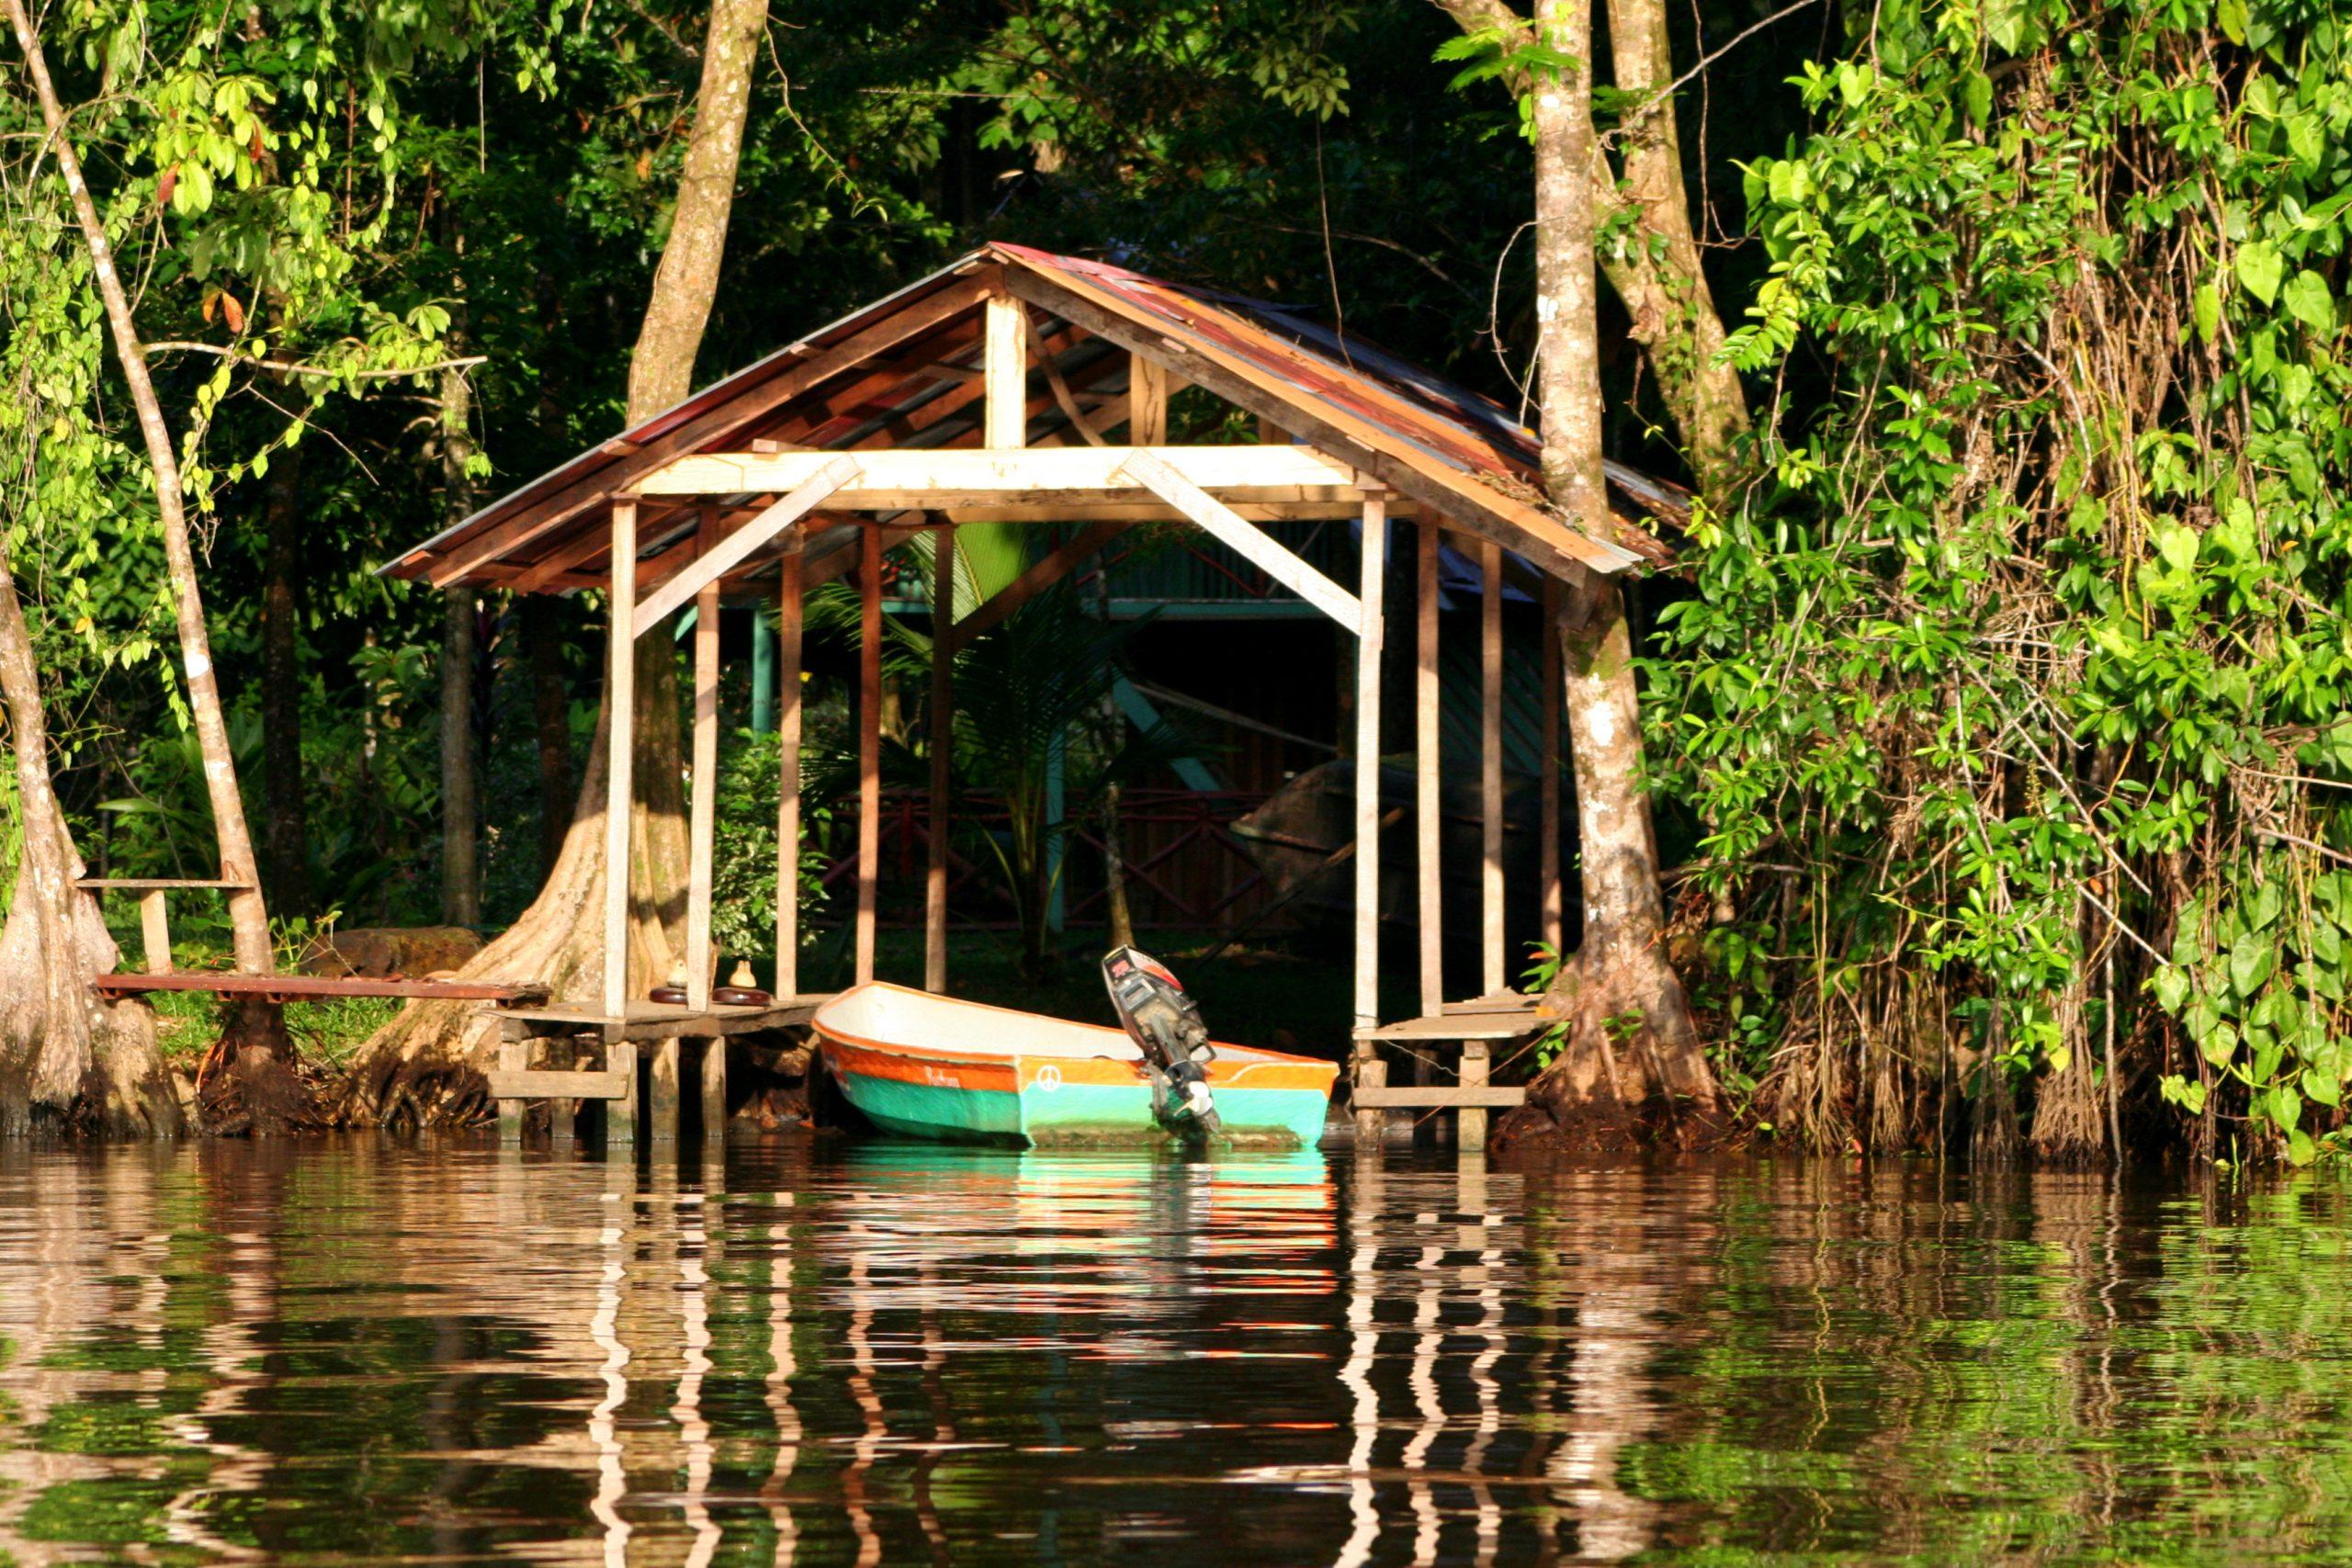 2006, Tortuguero, Costa Rica